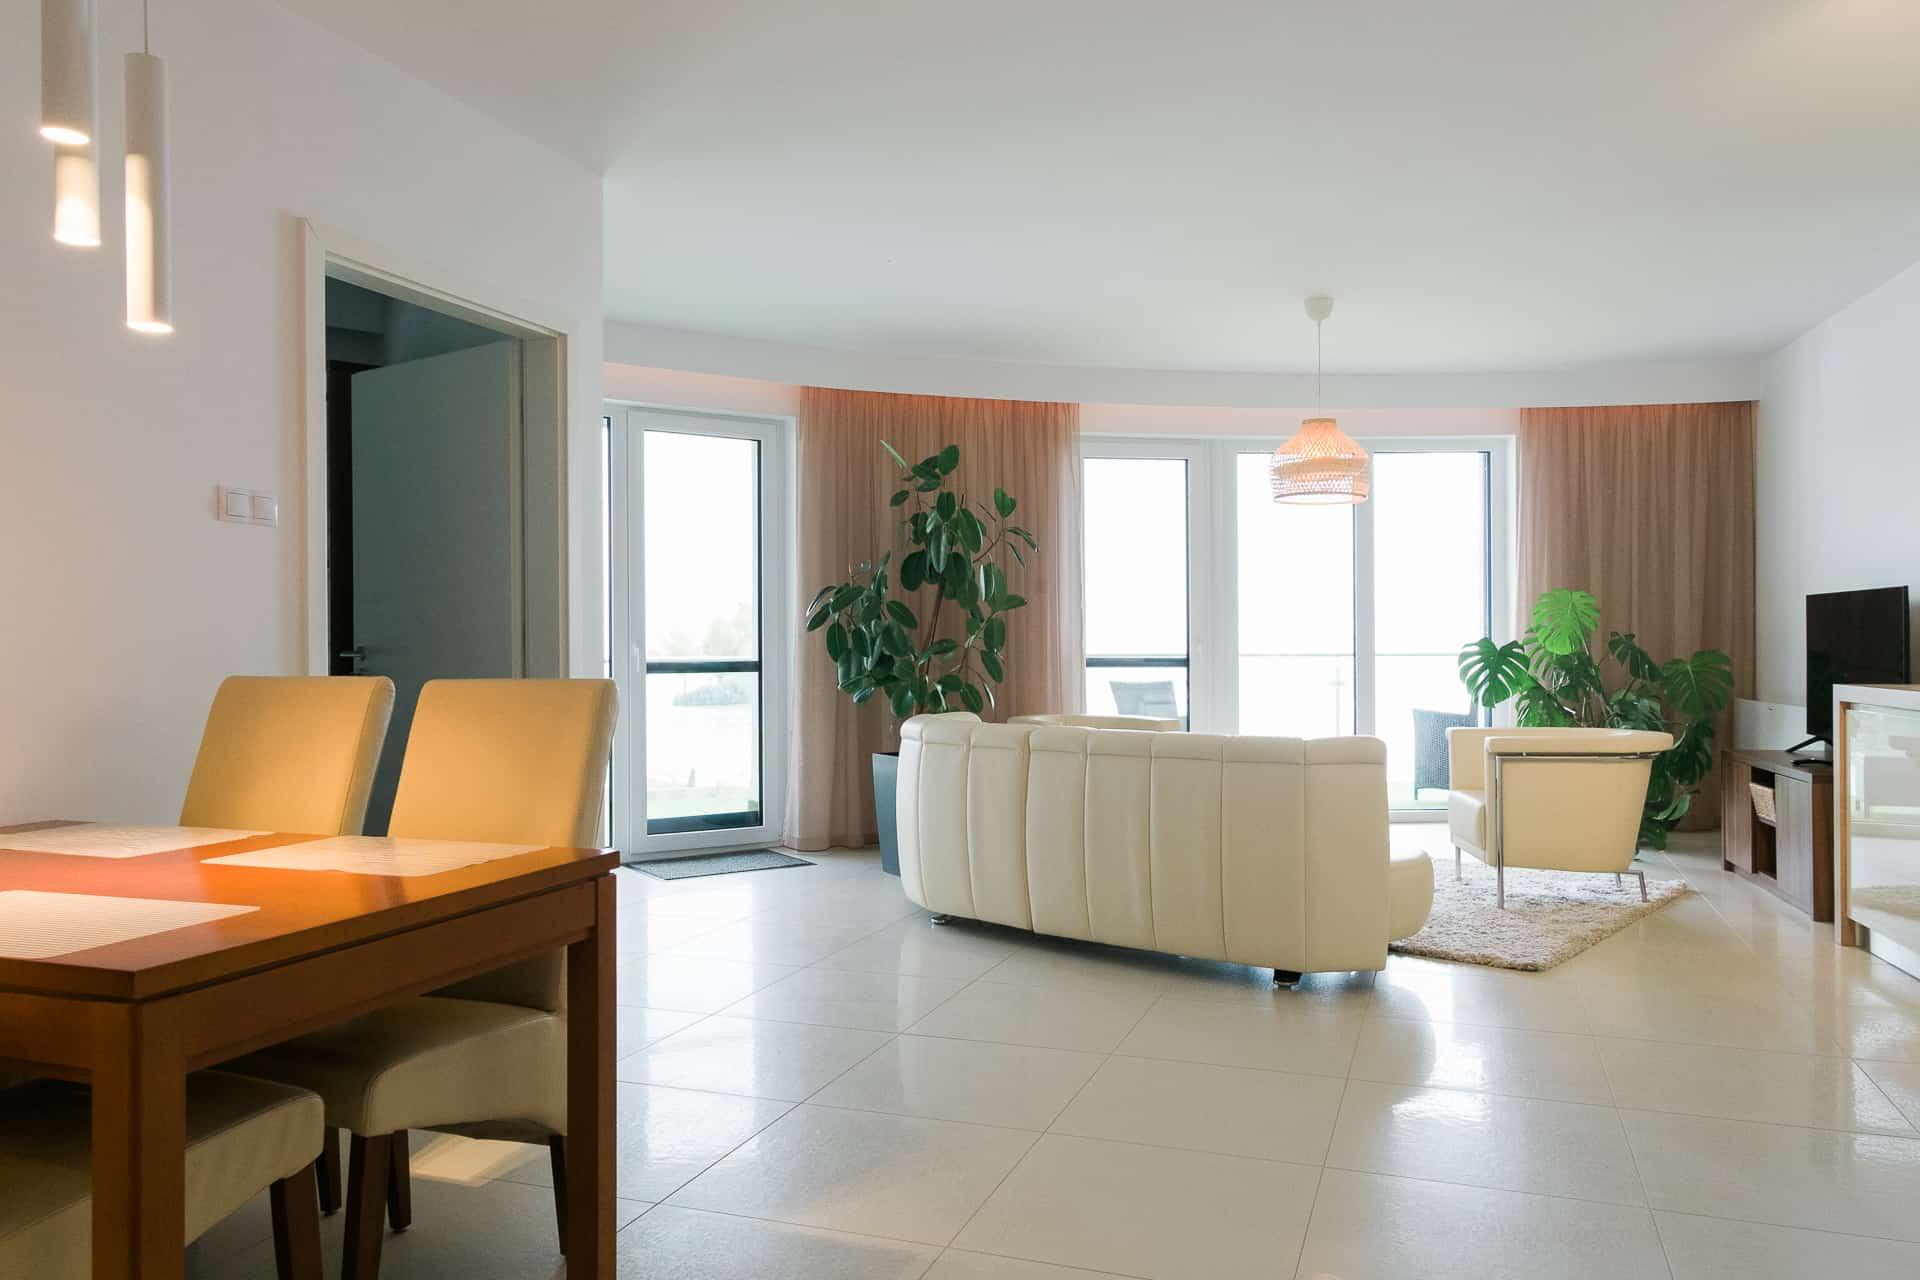 Vízparti balatoni panorámás Apartmanok Keszthely - étkező és nappali.